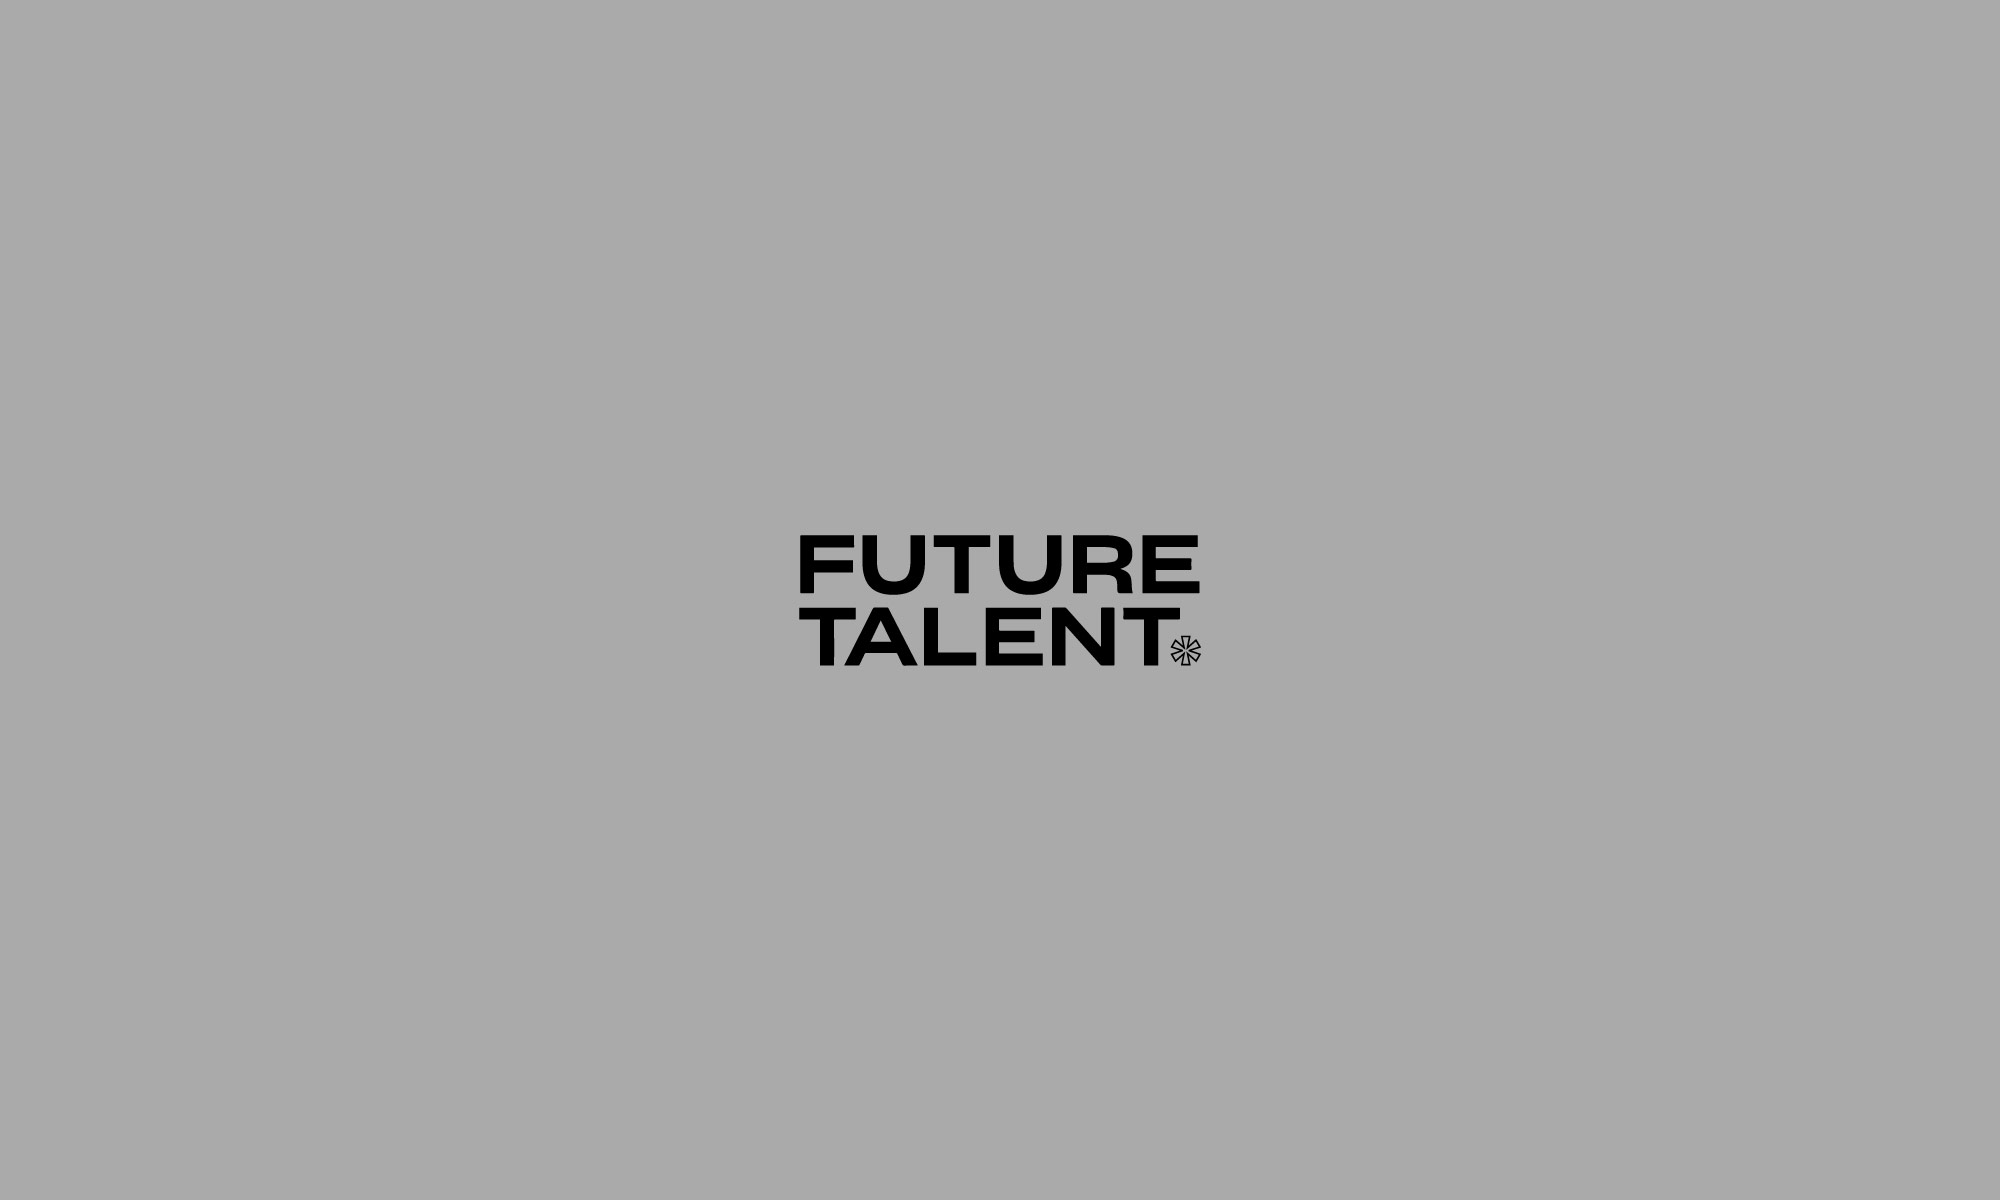 FutureTalent.jpg